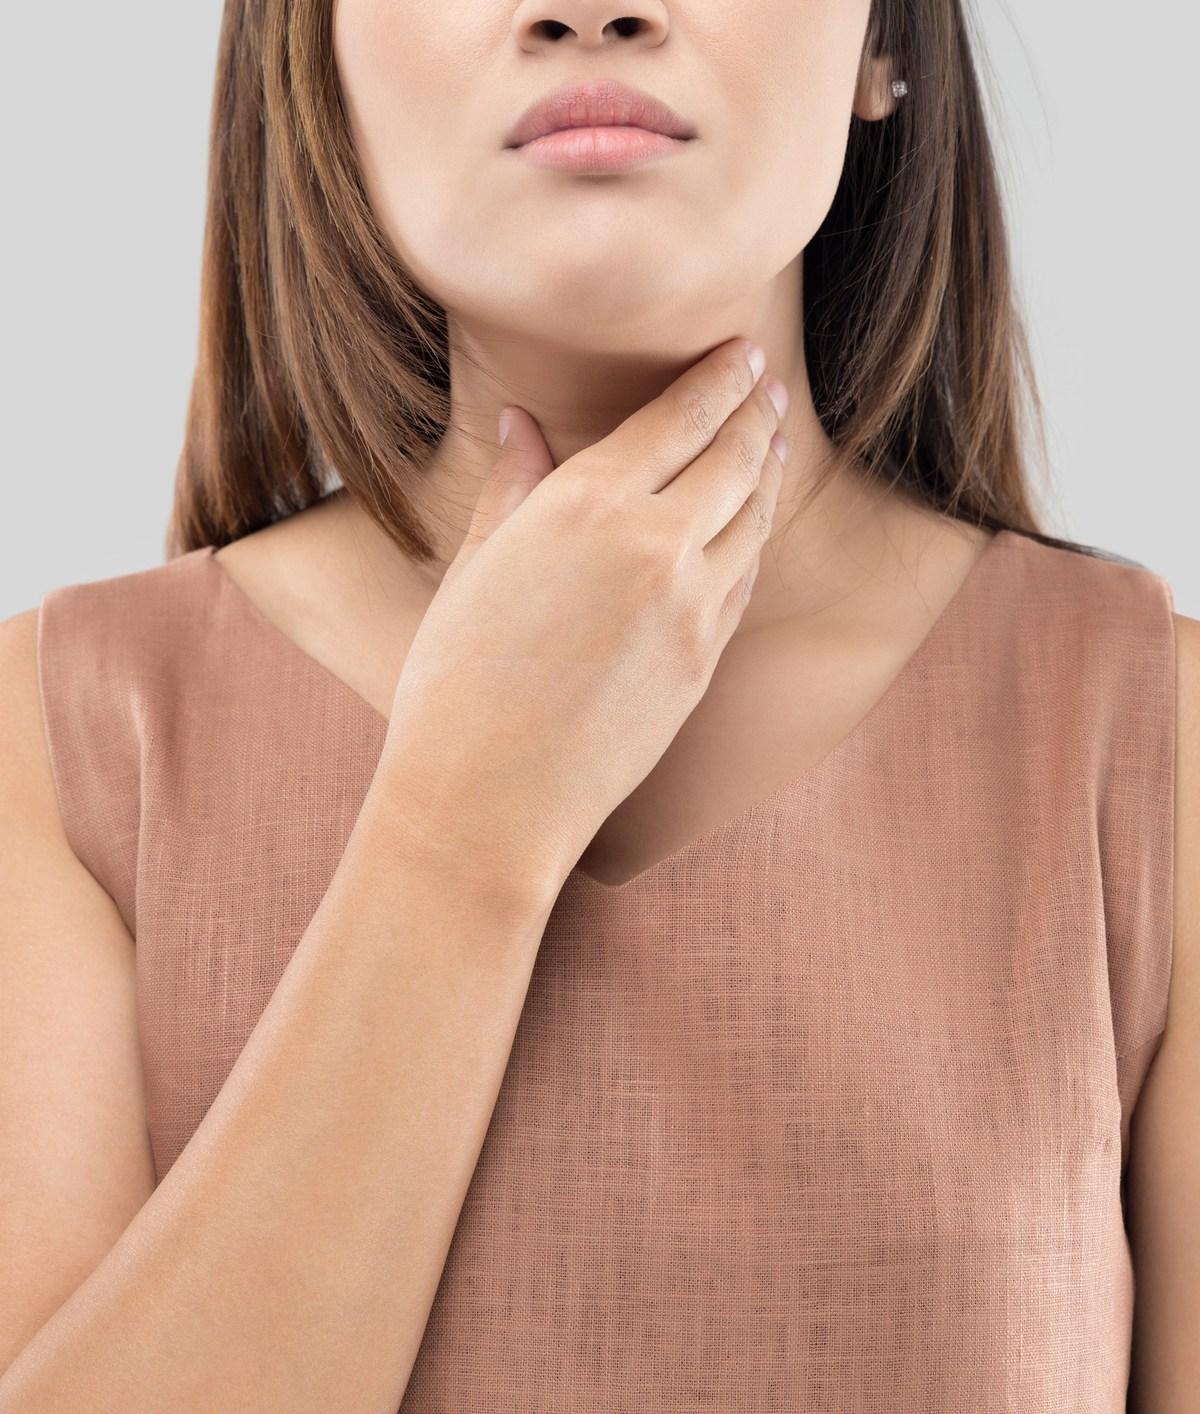 Comment soigner naturellement un mal de gorge